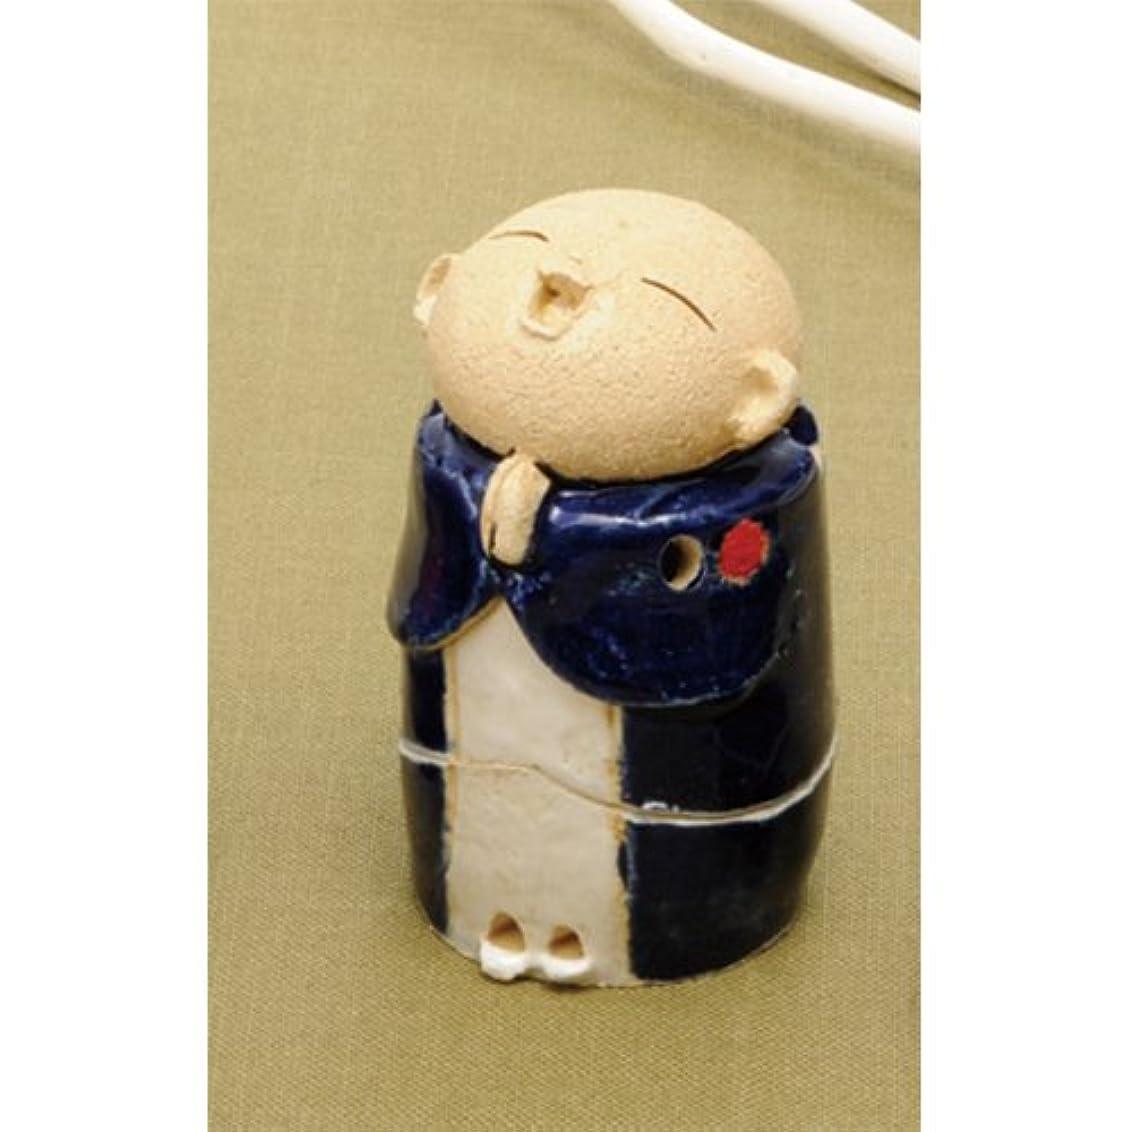 調子刃テレマコスお地蔵様 香炉シリーズ 青 お地蔵様 香炉 2.8寸 [H8.5cm] HANDMADE プレゼント ギフト 和食器 かわいい インテリア